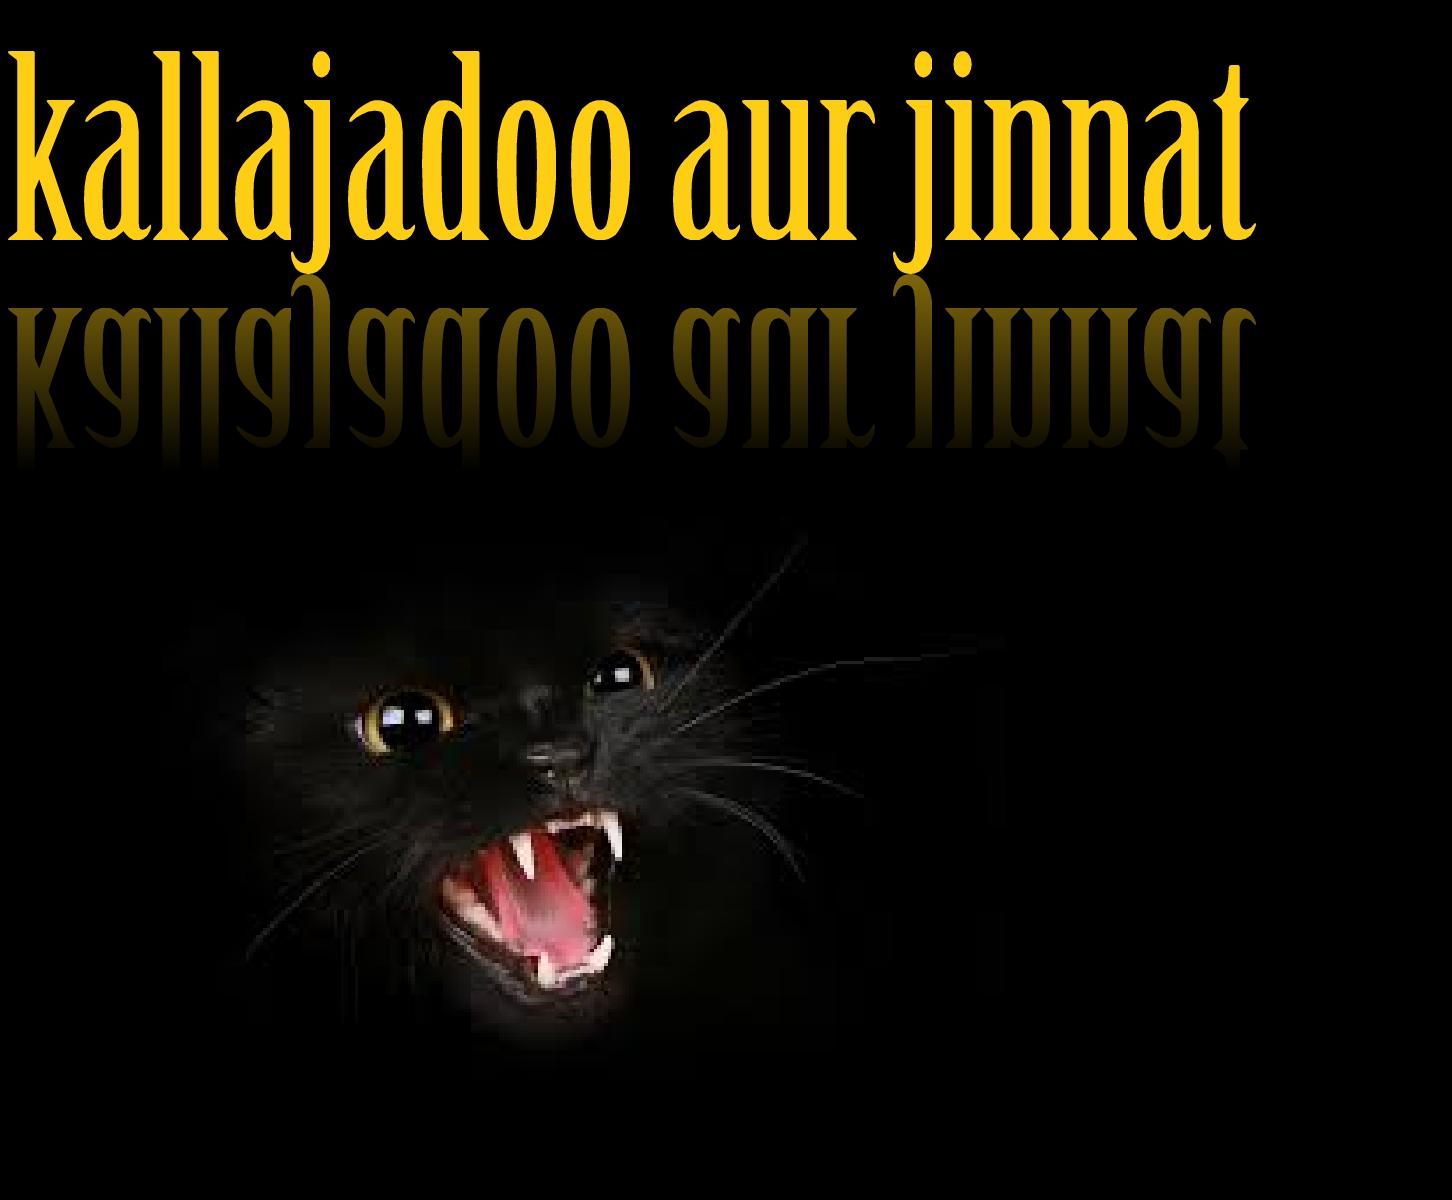 Kala Jadu ka tor in hindi